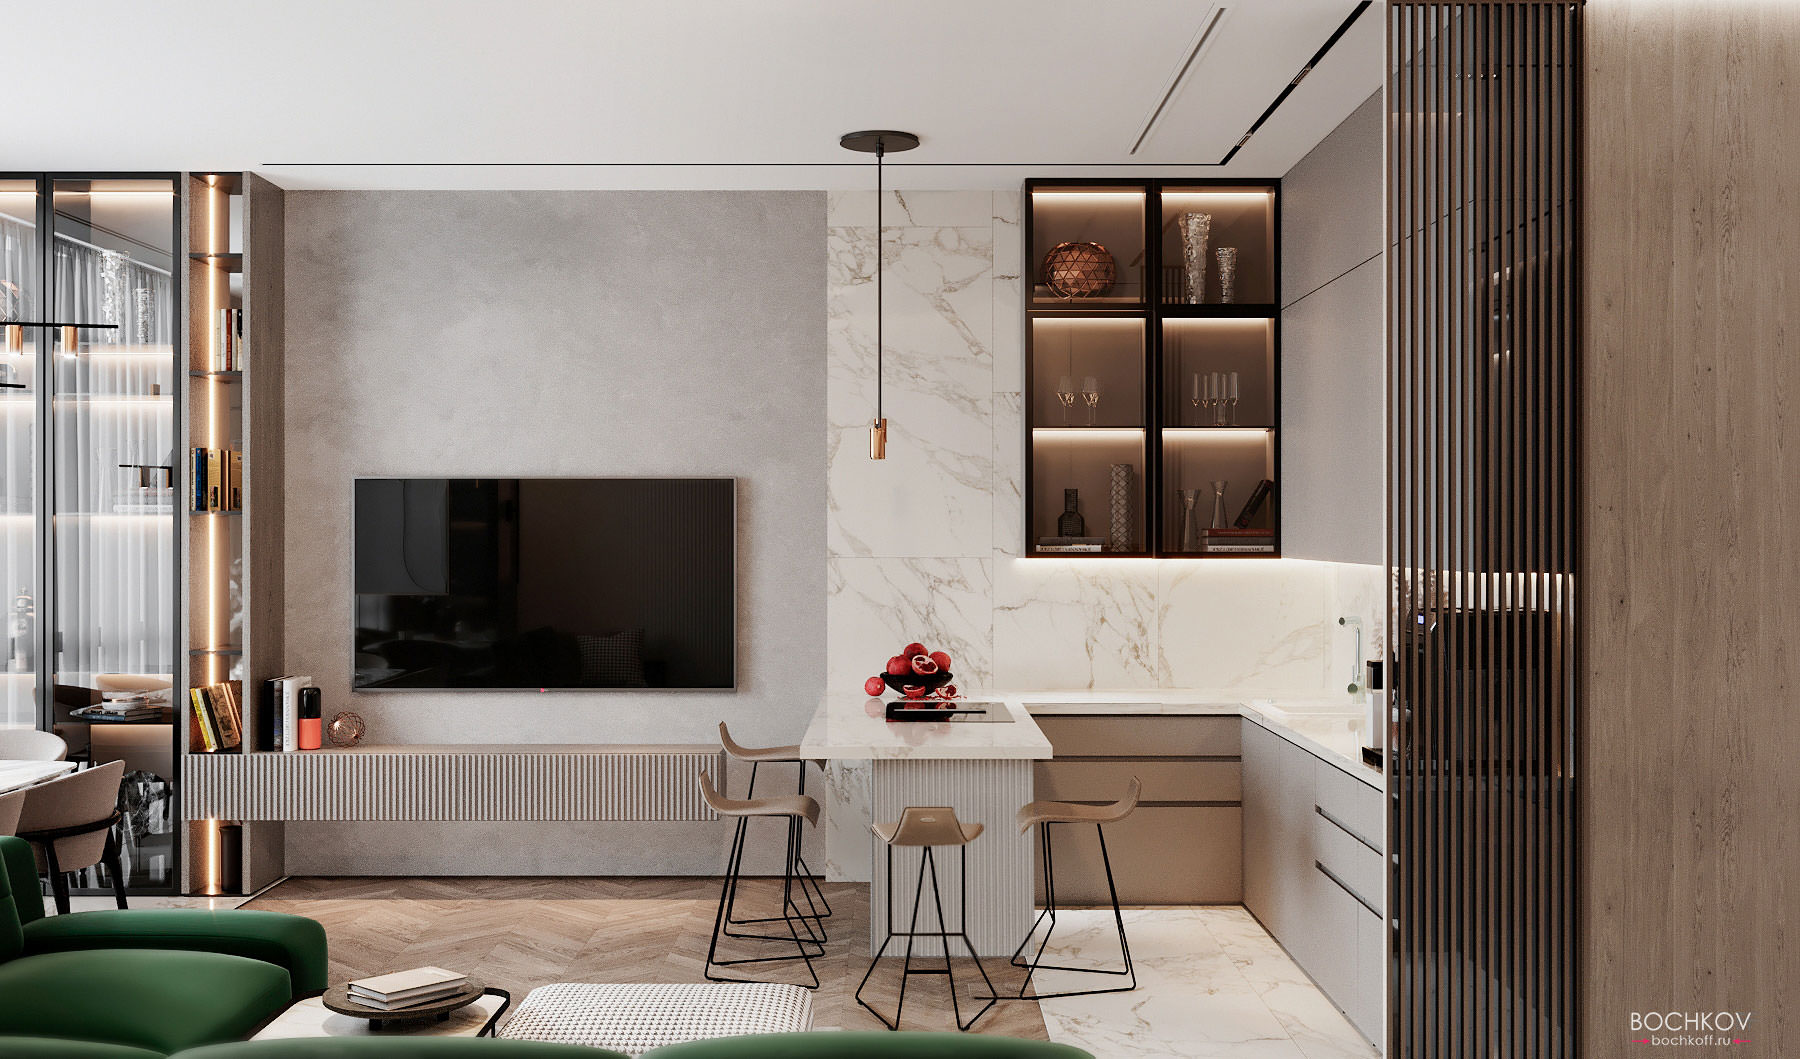 Кухня, Гостиная, студия, вид 2, КД Ривьера